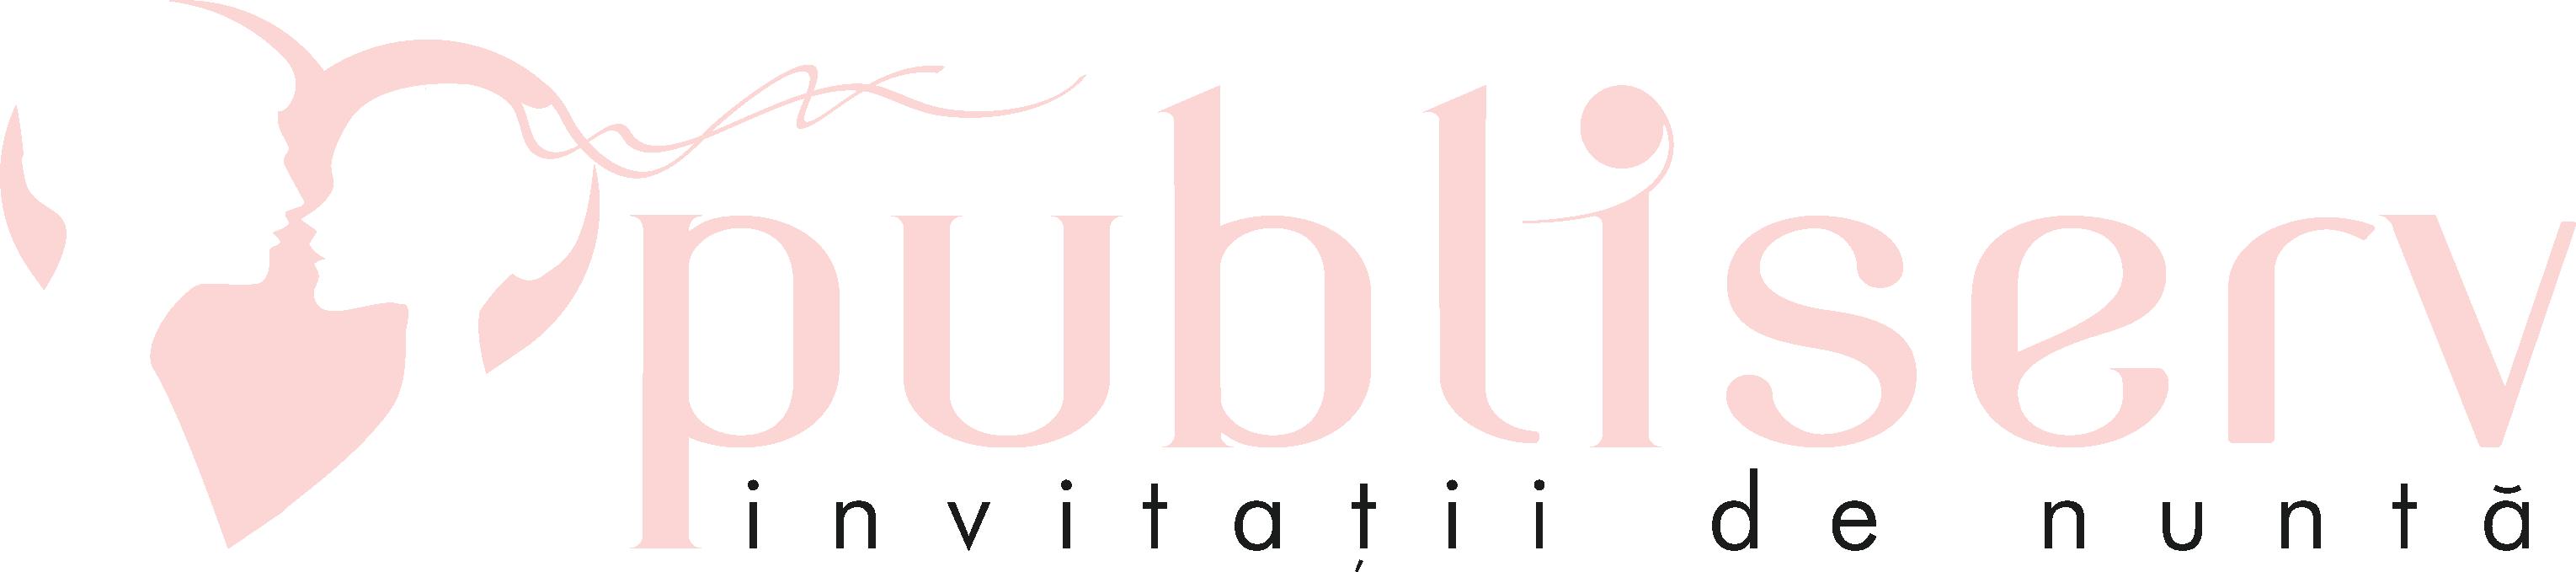 Publiserv